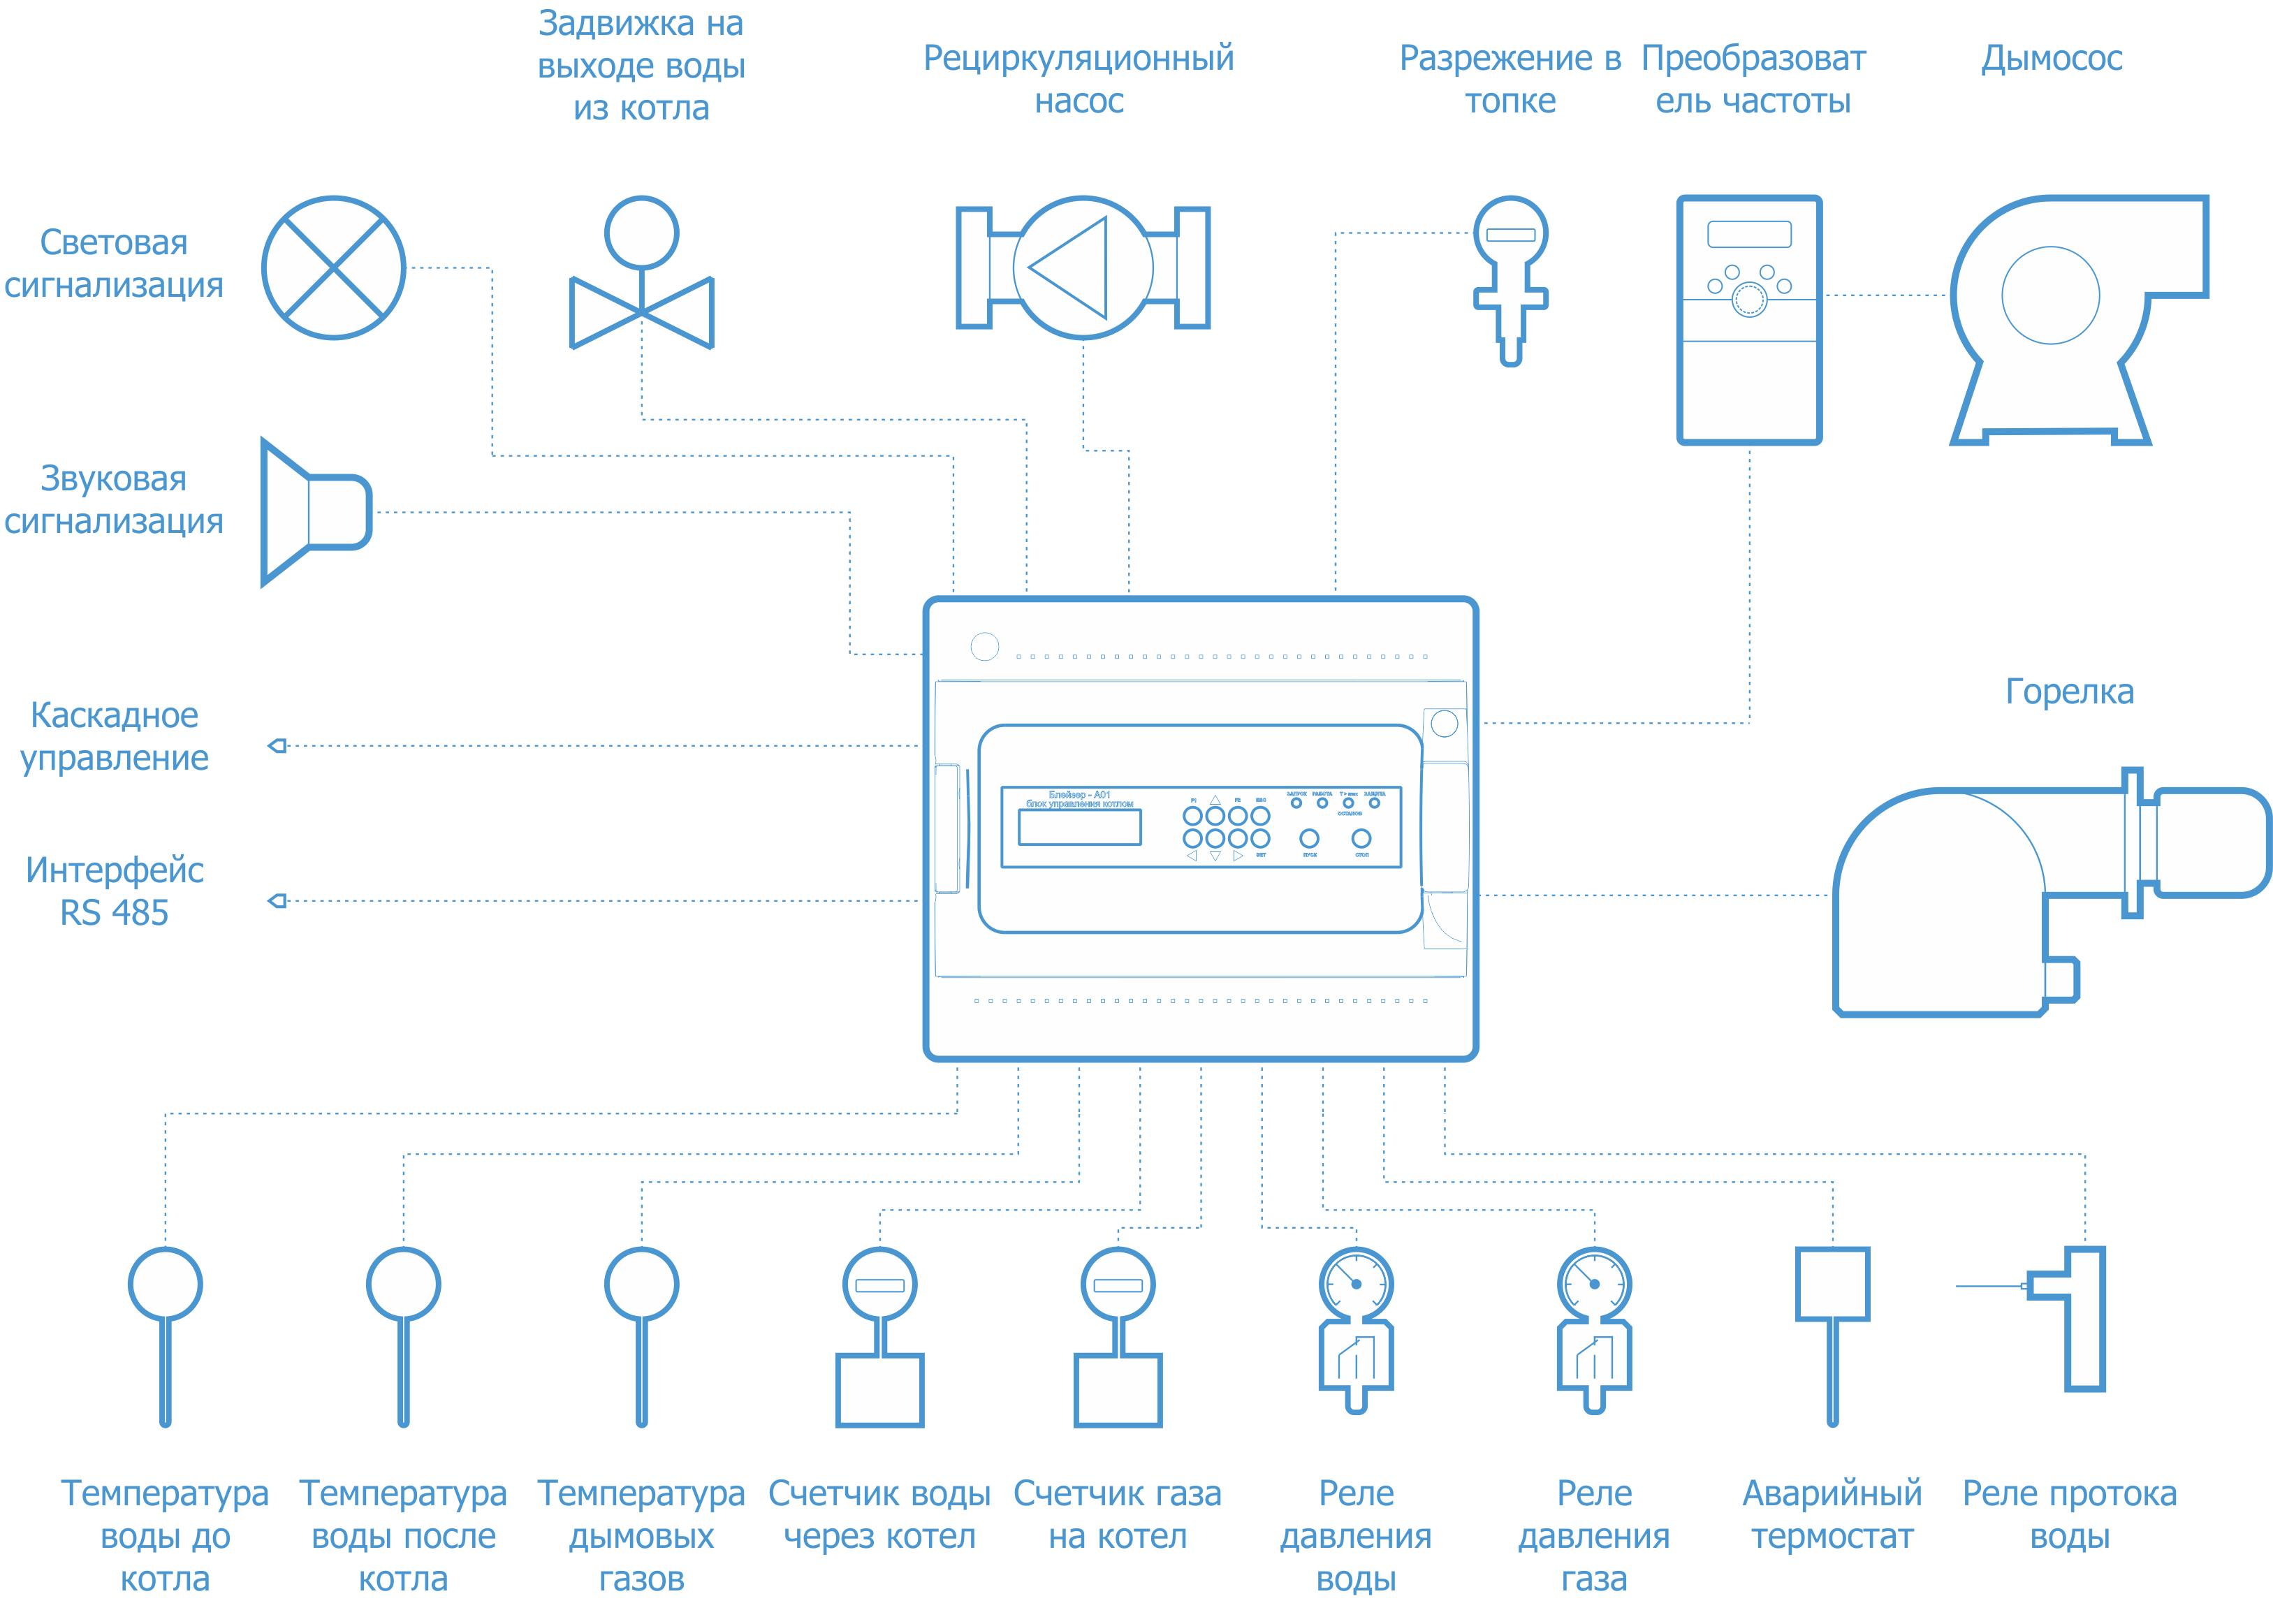 Схема блока управления котла